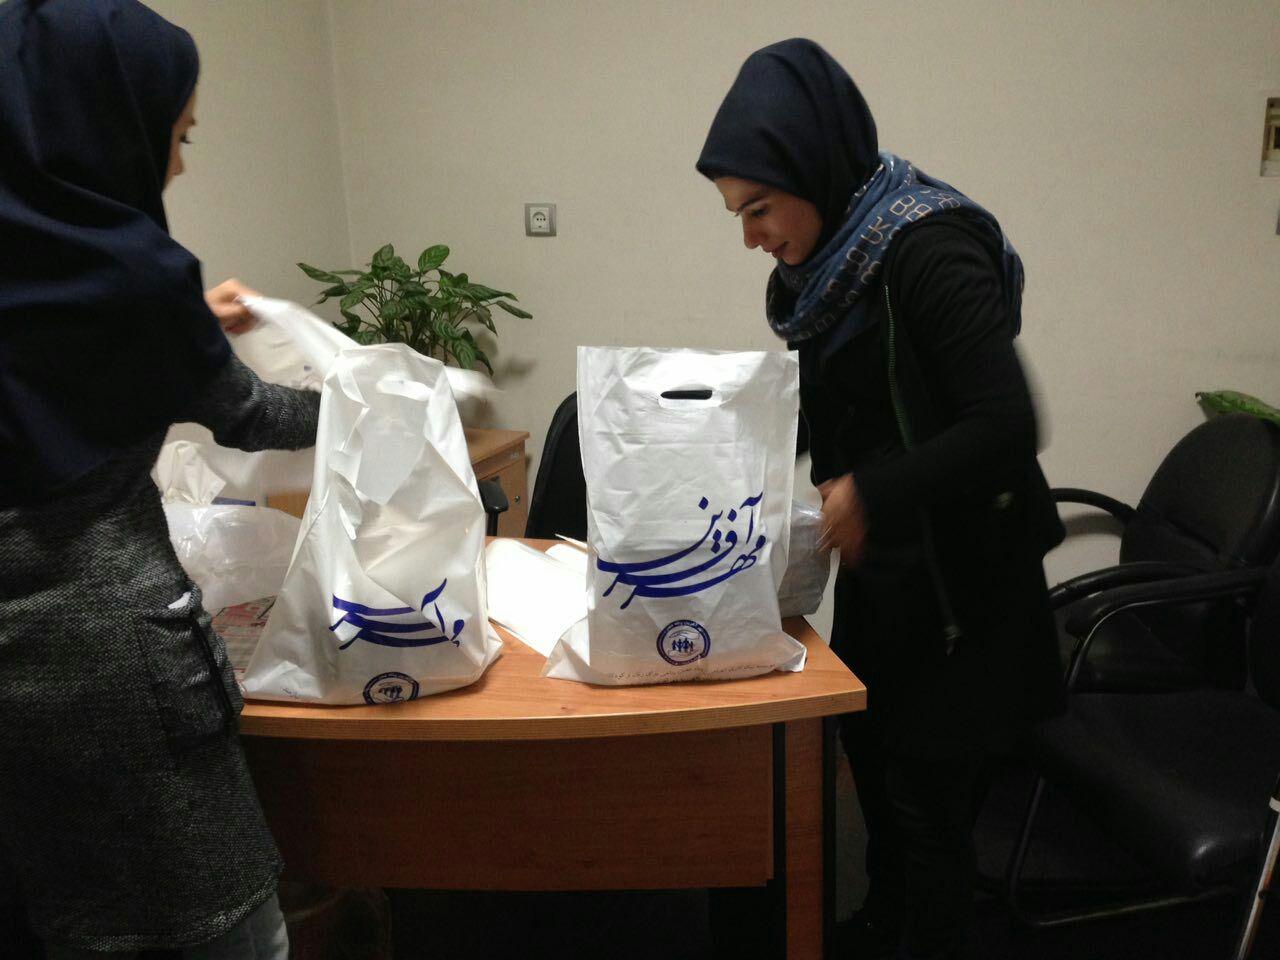 پخش ۳۰۰ غذای گرم در بین مددجویان نیازمند خود در مهرآفرین